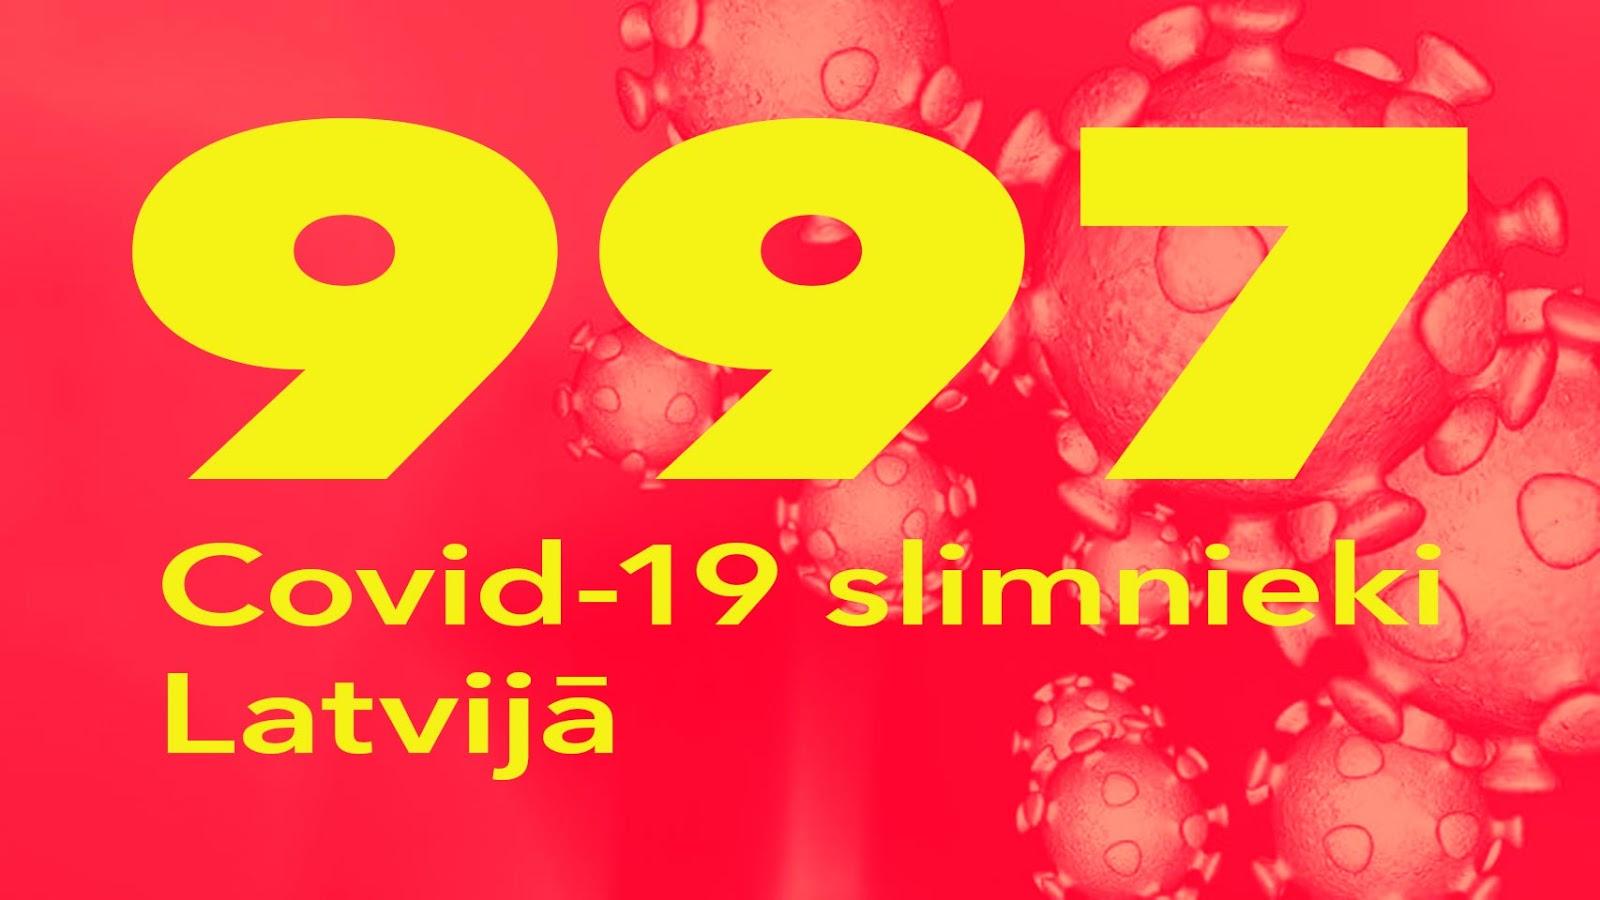 Koronavīrusa saslimušo skaits Latvijā 16.05.2020.